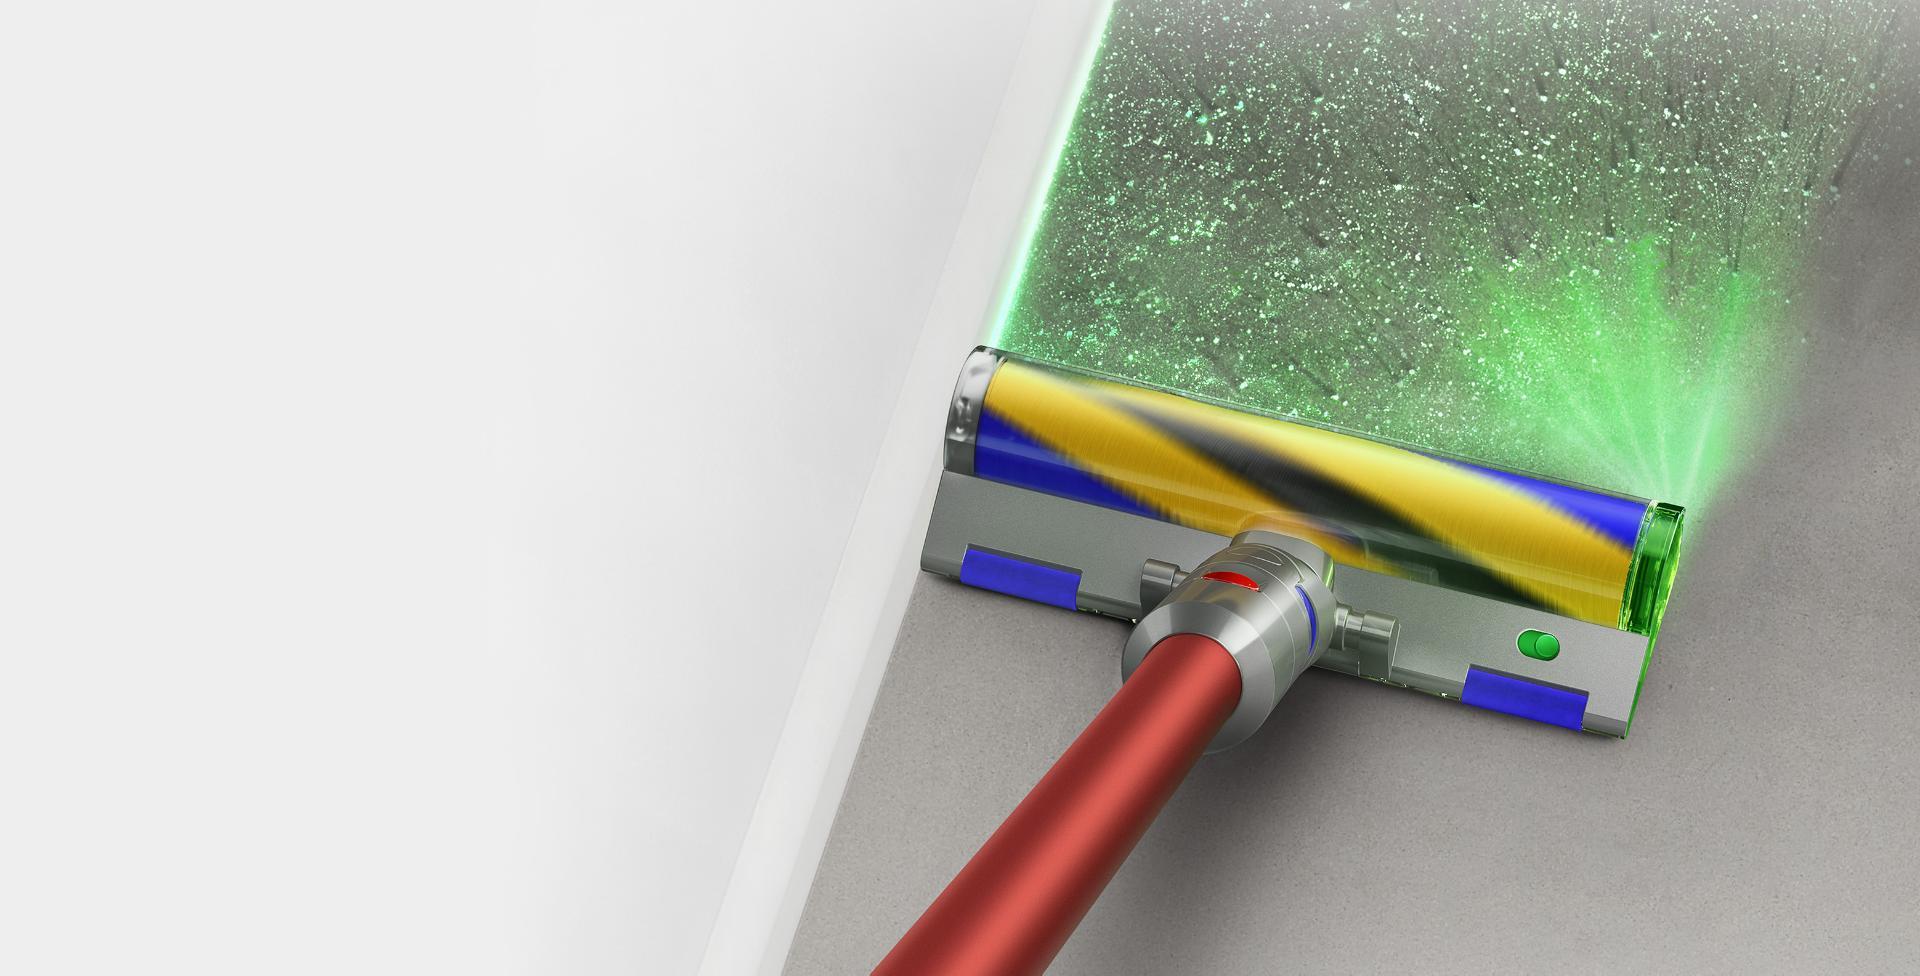 Vysavač Dyson Outsize s podlahovou hubicí Laser Fluffy™ na hladké podlahy.